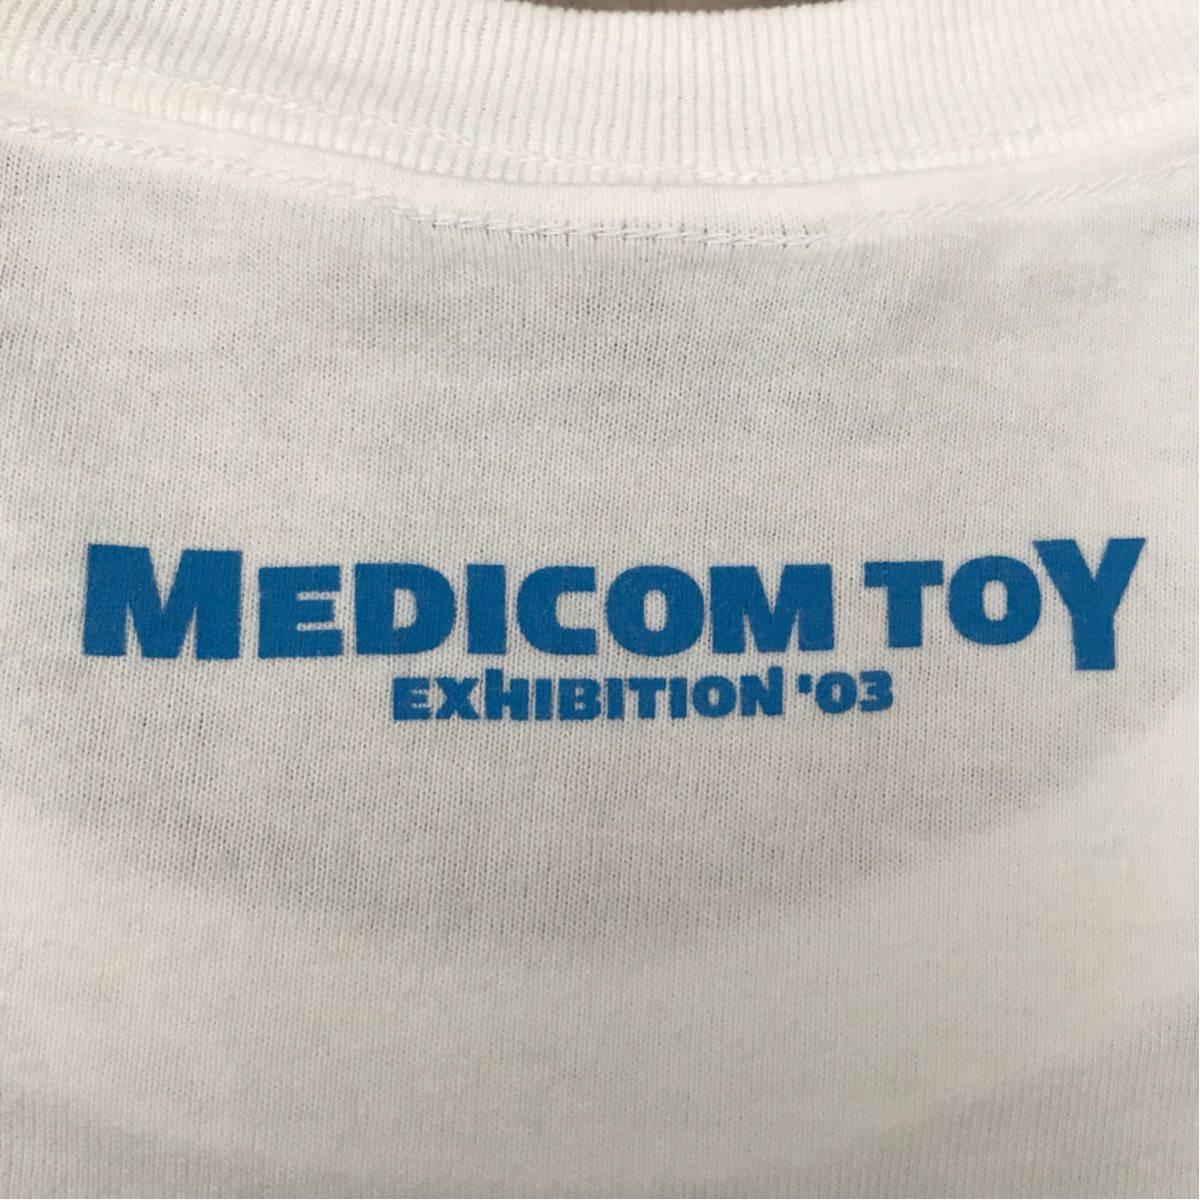 ★激レア★ medicom toy × bape gallery キューブリック Tシャツ XLサイズ a bathing ape エイプ ベイプ アベイシングエイプ ベアブリック_画像4